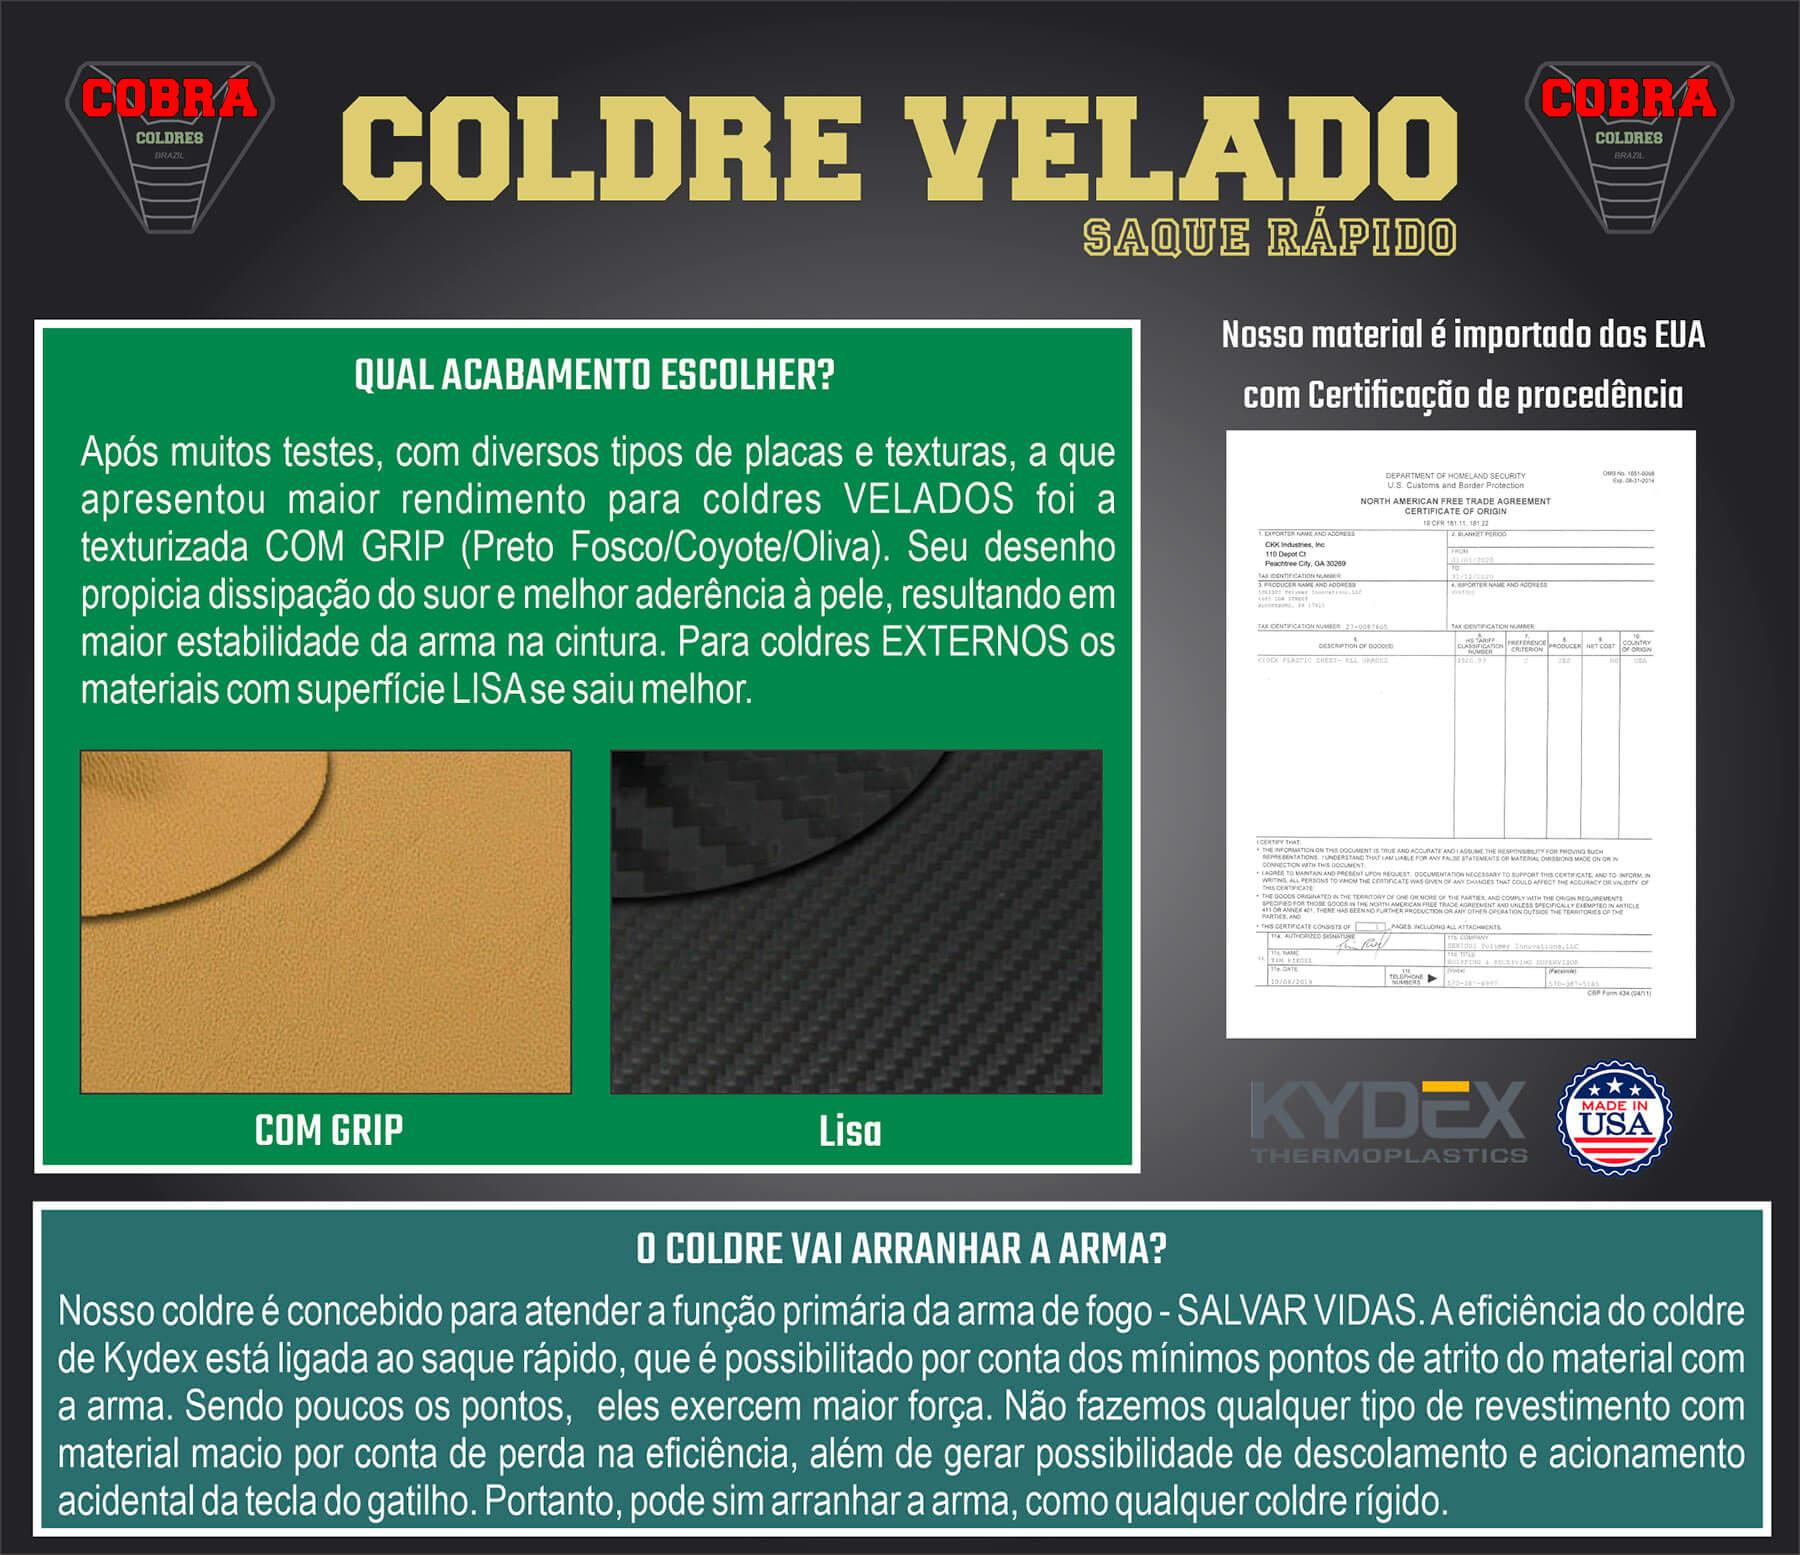 Coldre Glock [G30] [G29] Kydex + 2 Porta-Carregadores Universais - Saque Rápido Velado Kydex® 080